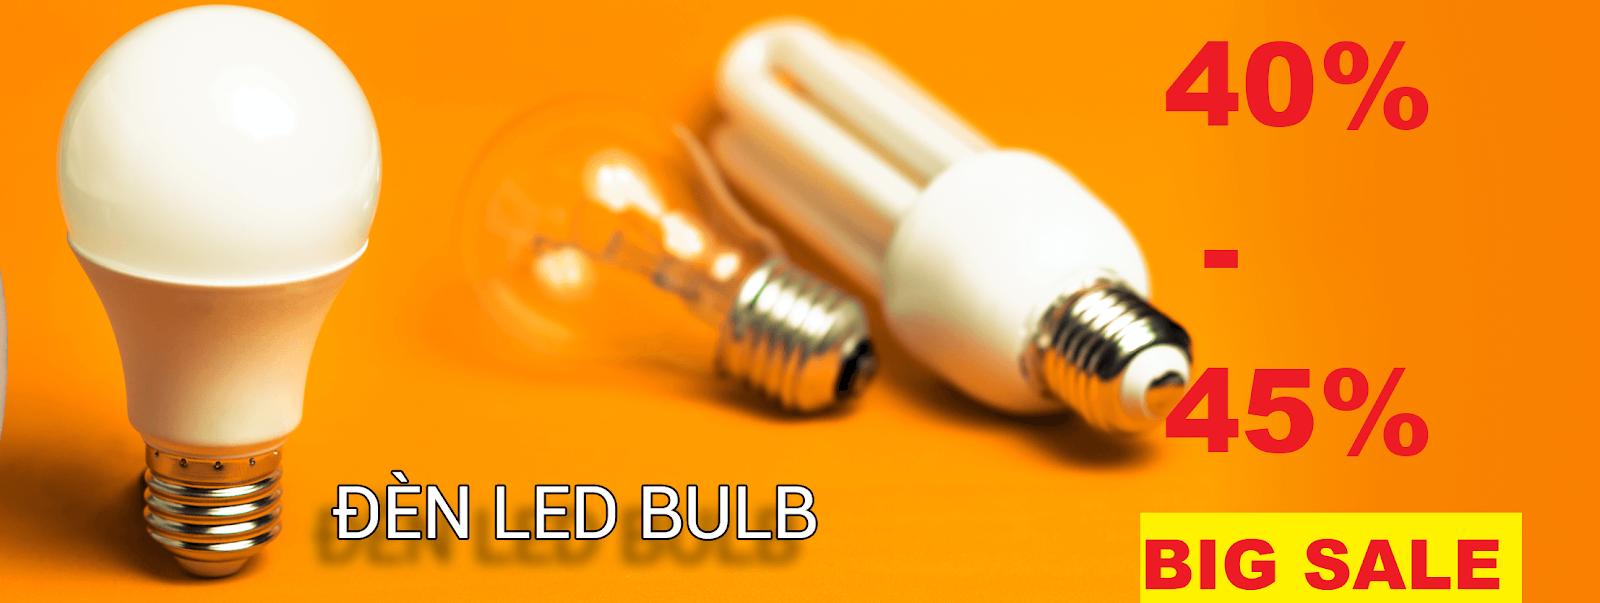 Bóng đèn Led bulb Philips BIG SALE